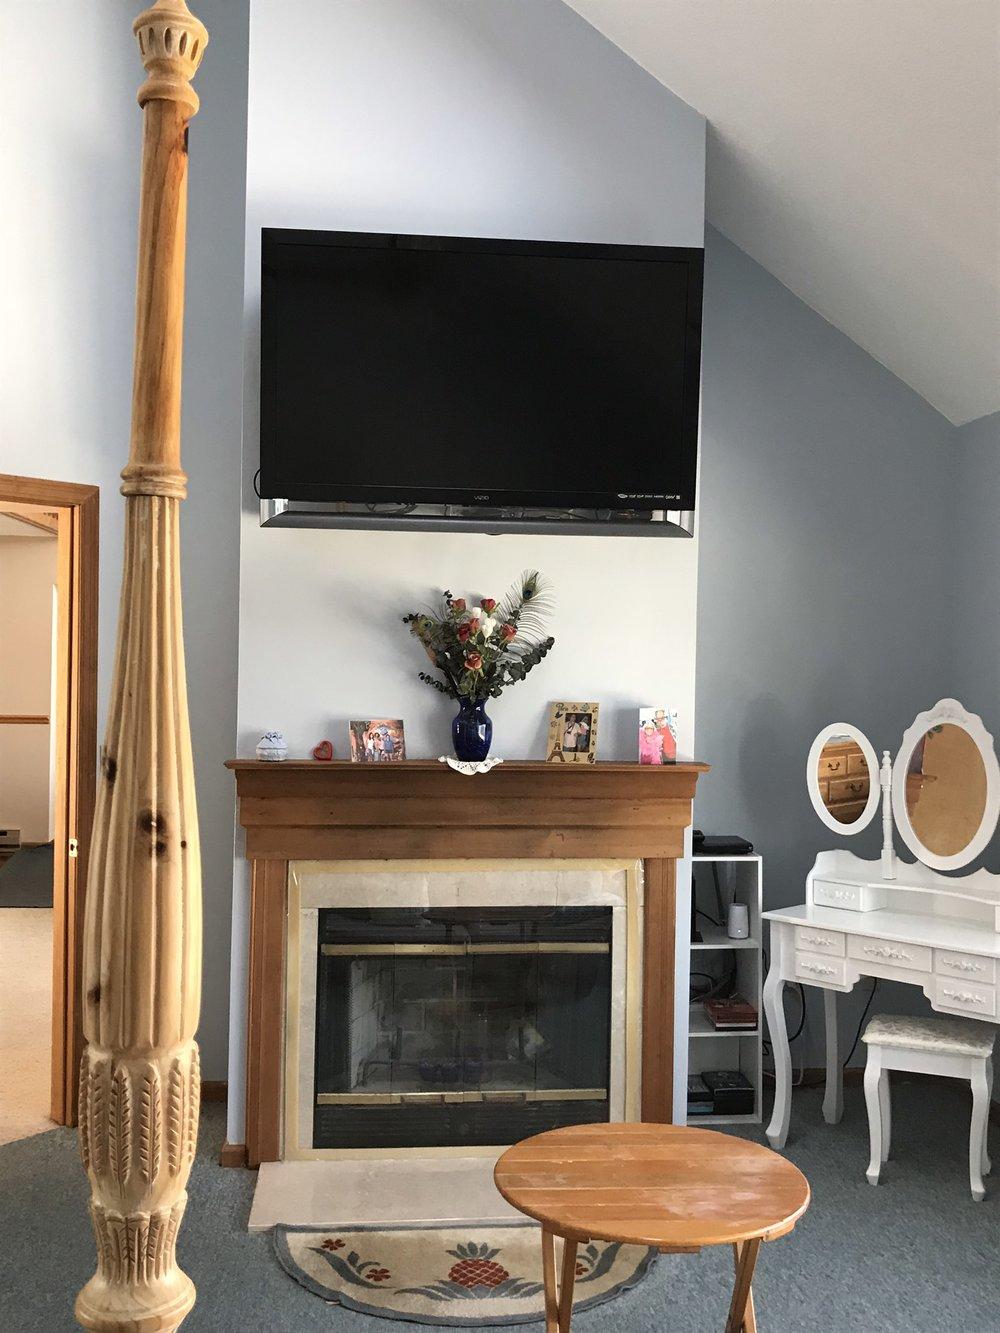 tv in living room.jpg